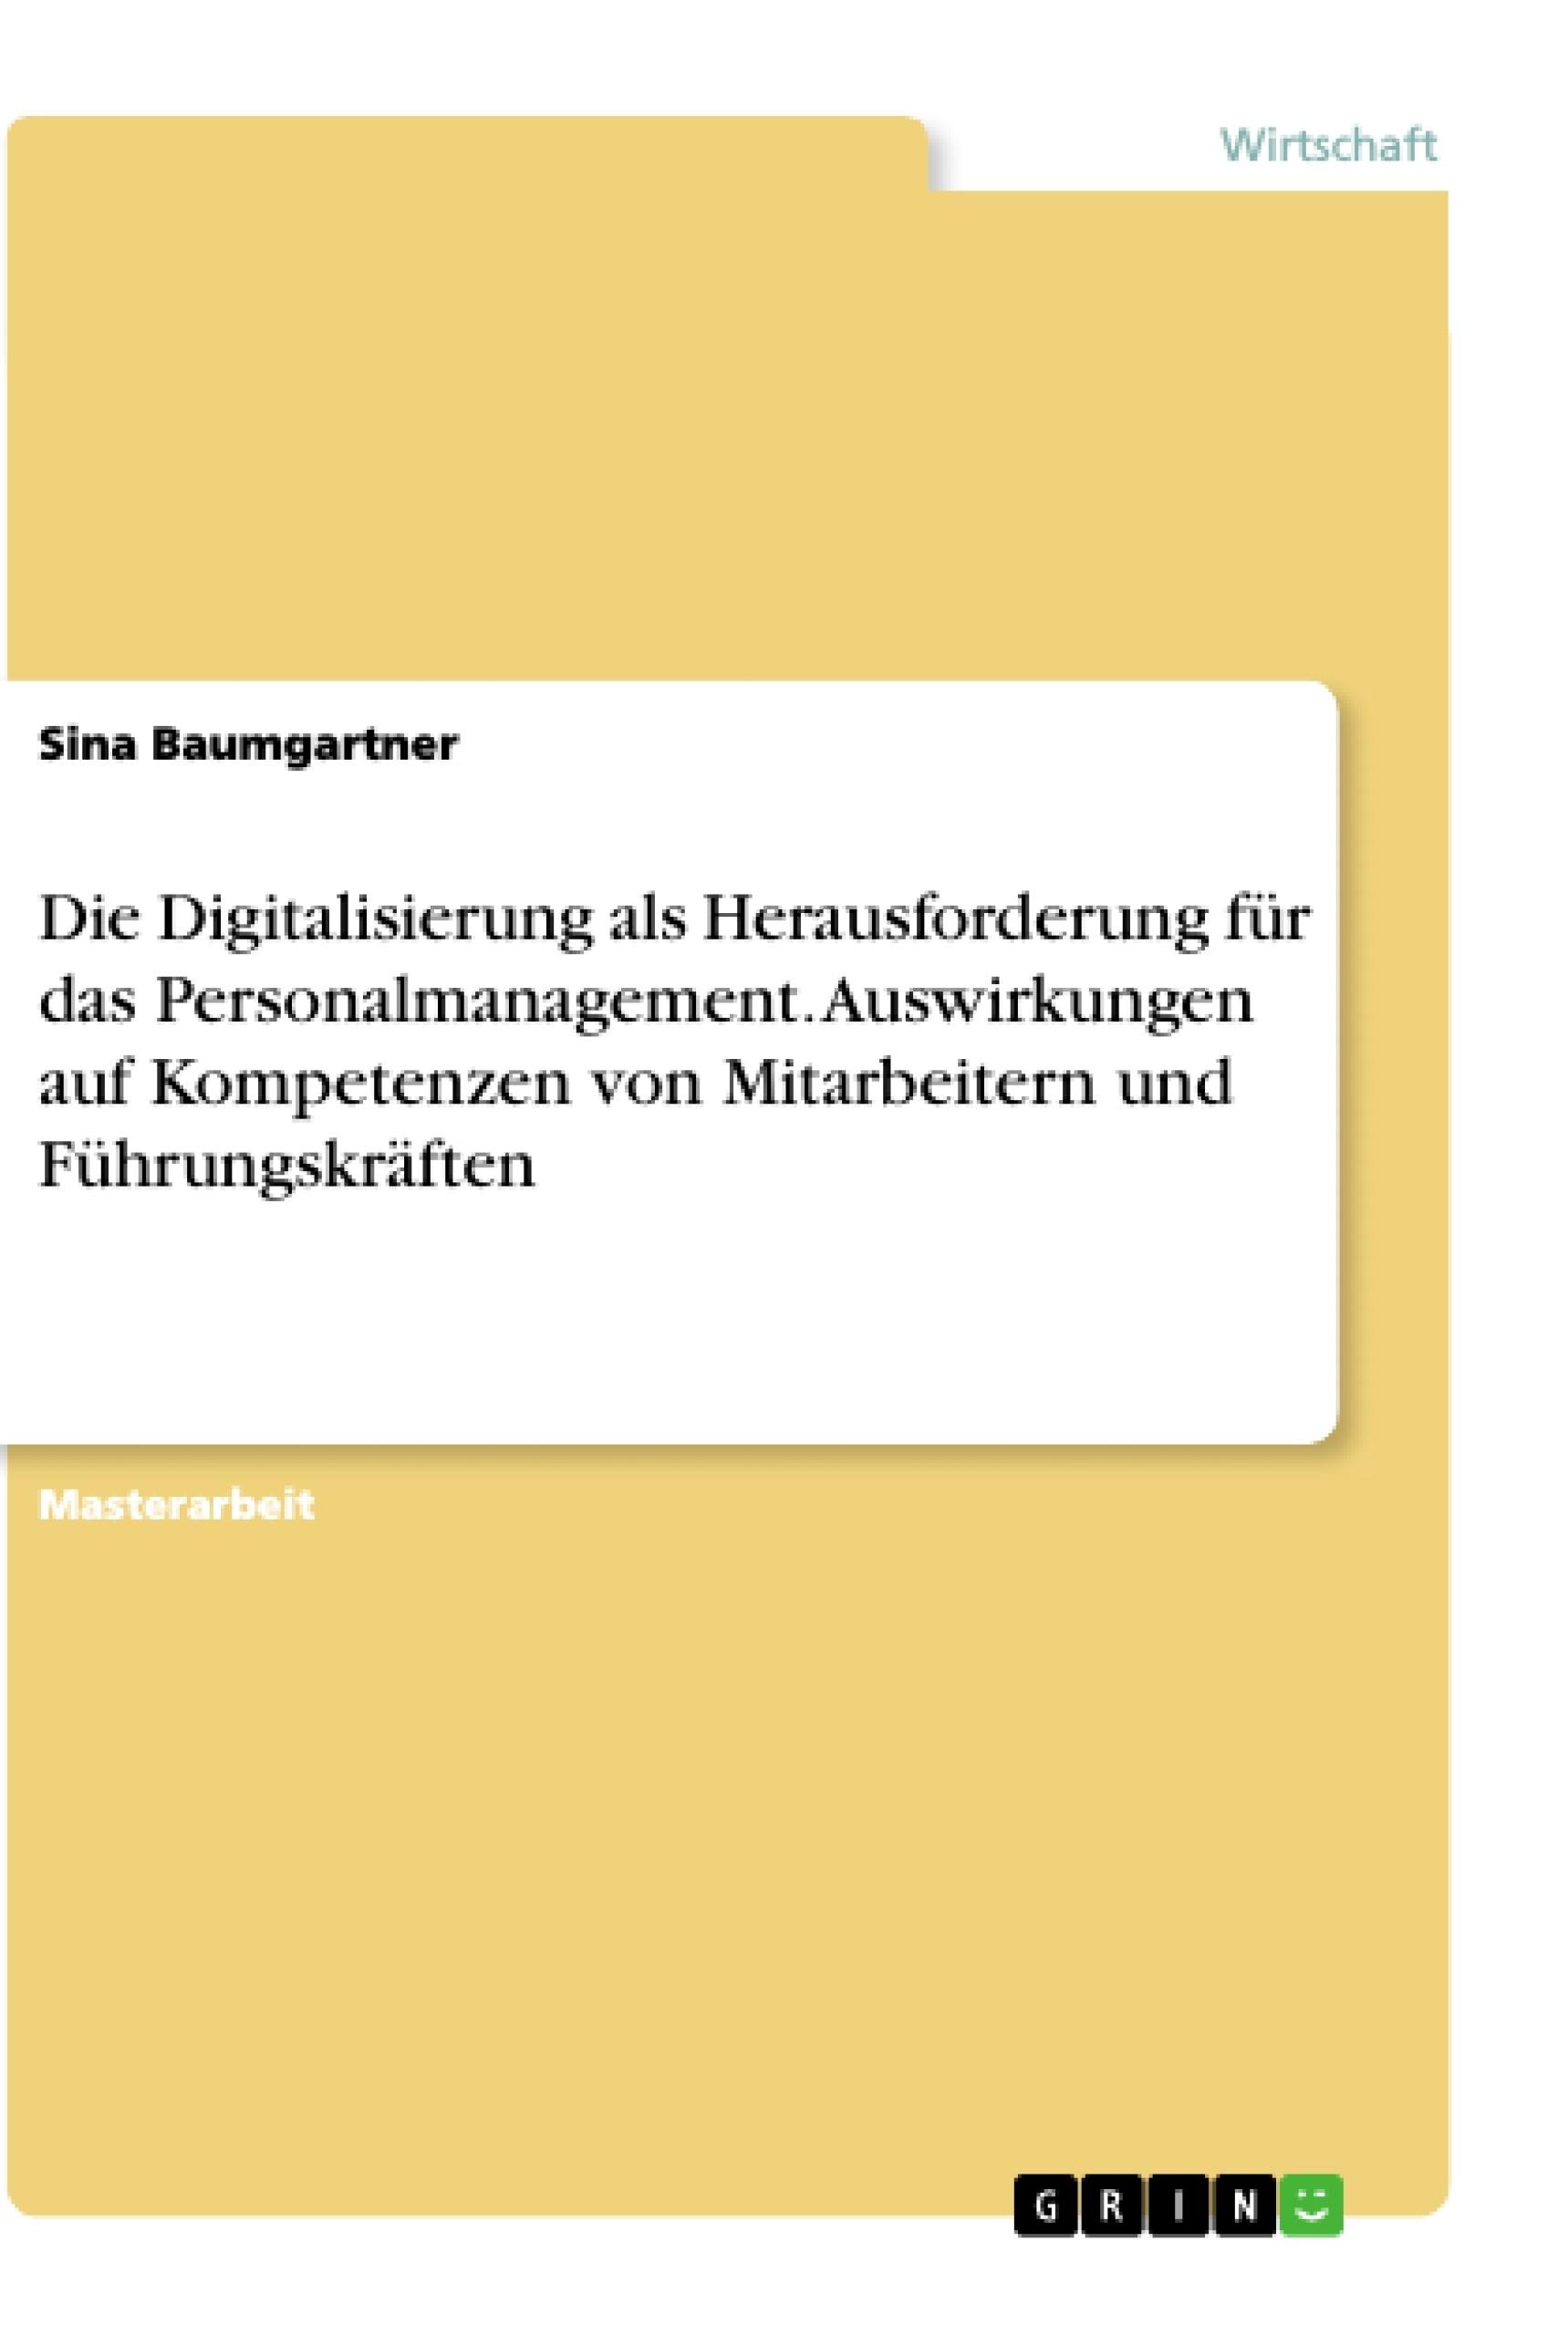 Titel: Die Digitalisierung als Herausforderung für das Personalmanagement. Auswirkungen auf Kompetenzen von Mitarbeitern und Führungskräften